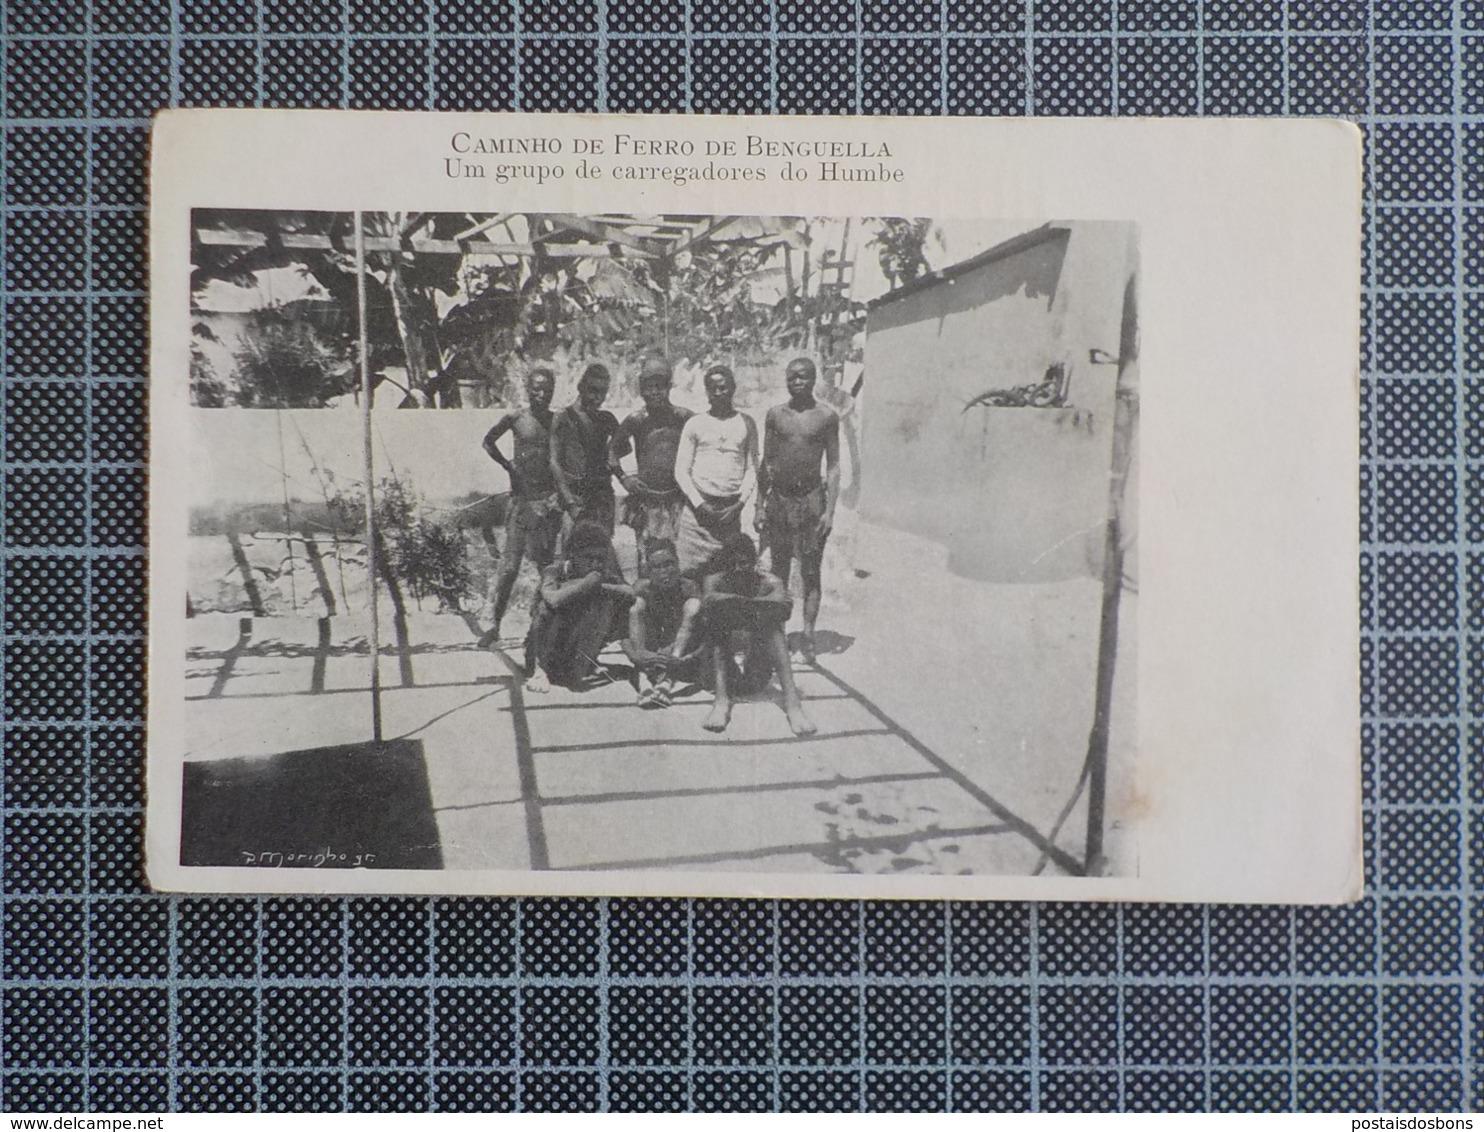 11.375) Africa Portuguesa Angola Caminho De Ferro De Benguela Grupo De Carregadores Do Humbe P. Marinho Railway - Angola